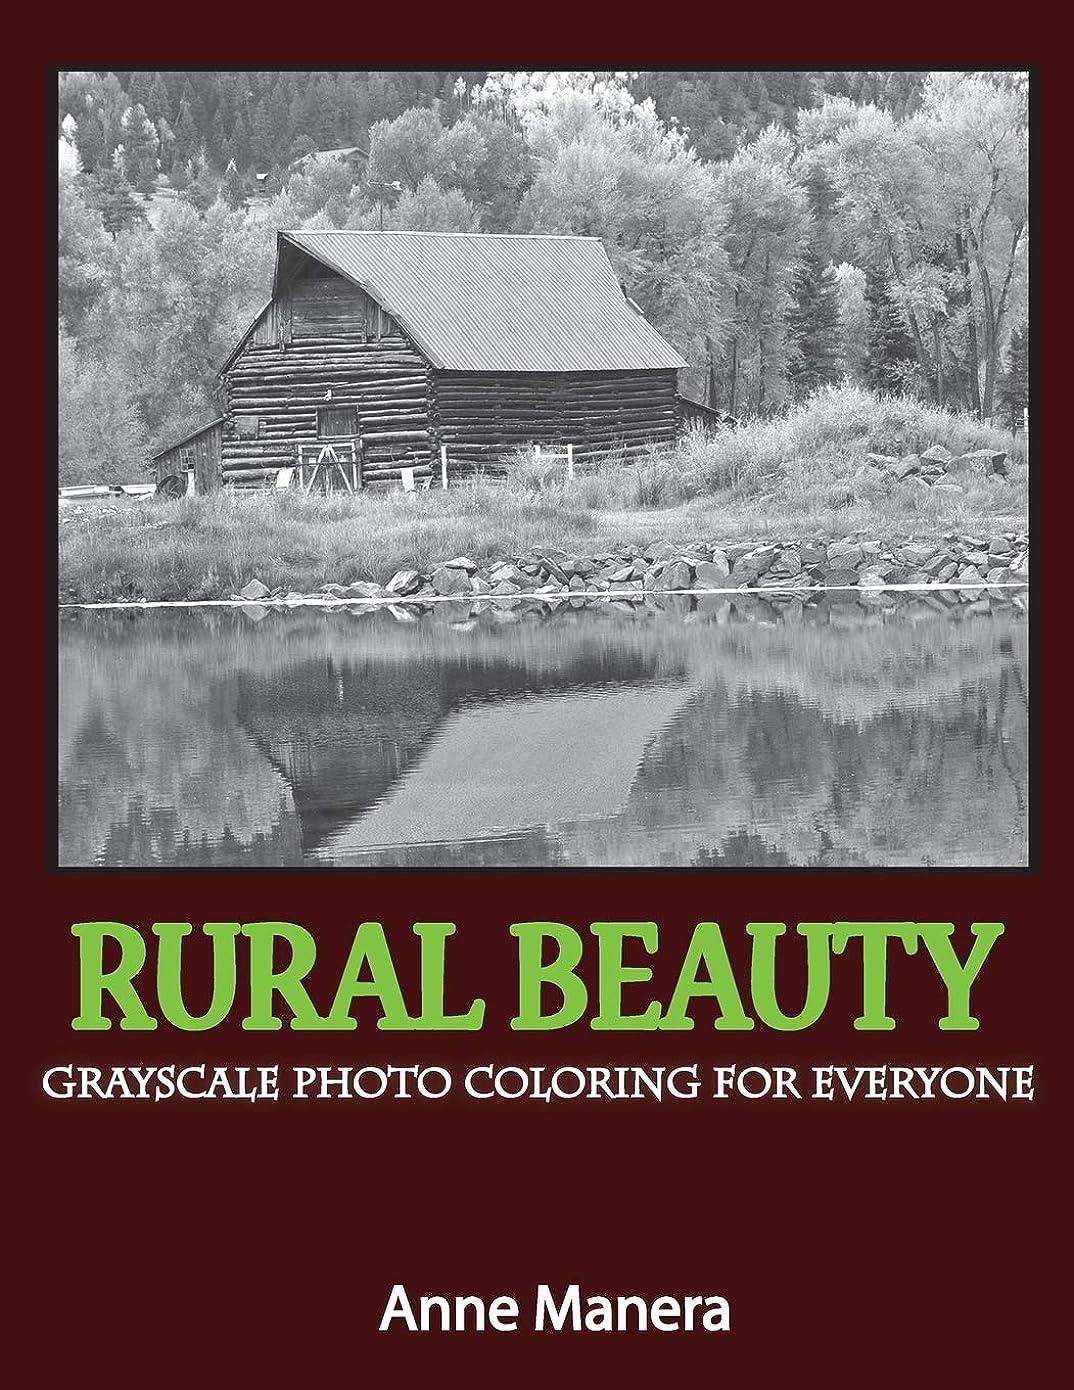 娯楽パシフィック死にかけているRural Beauty Grayscale Photo Coloring Book for Everyone